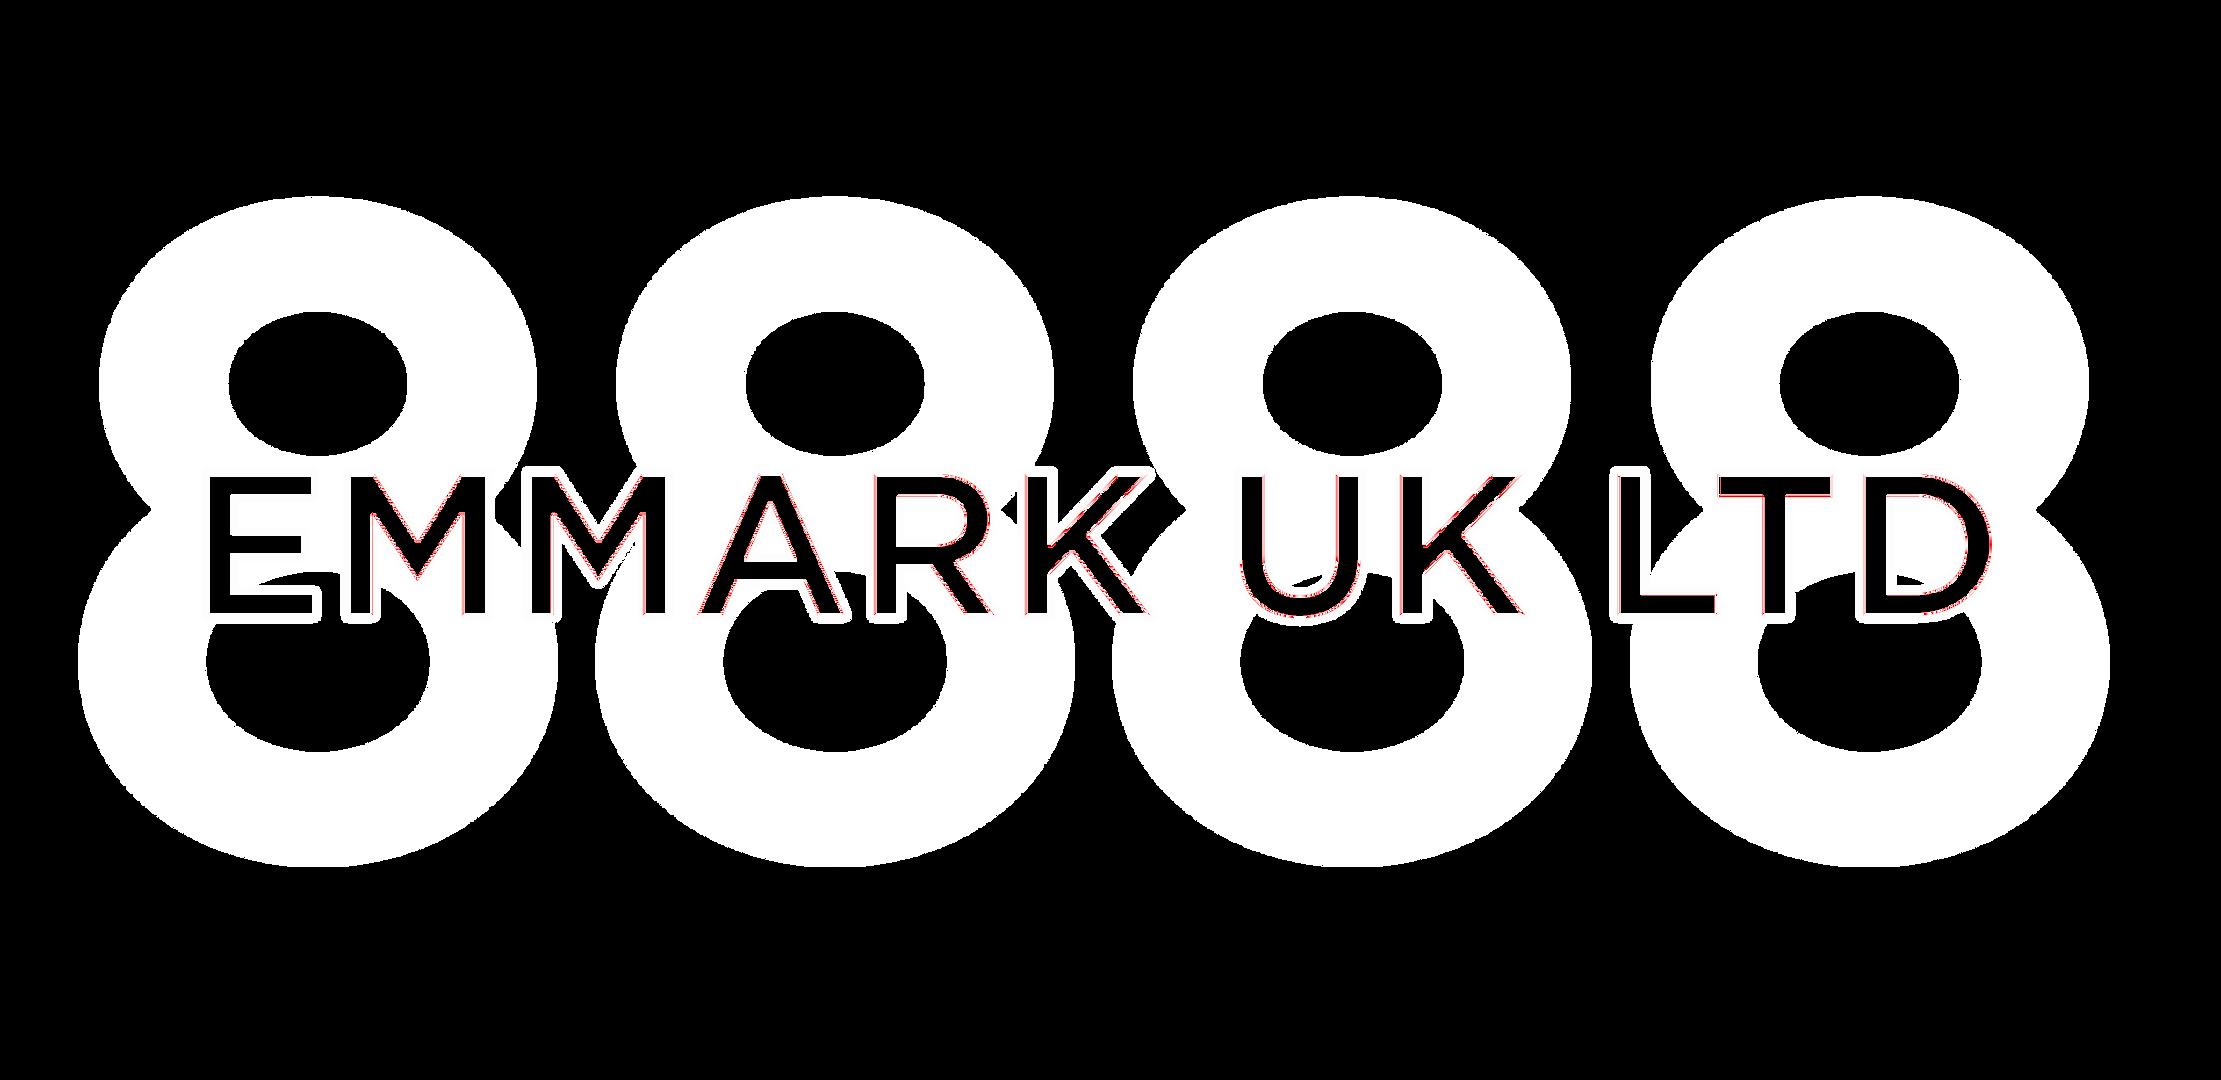 EMMARK 4.png